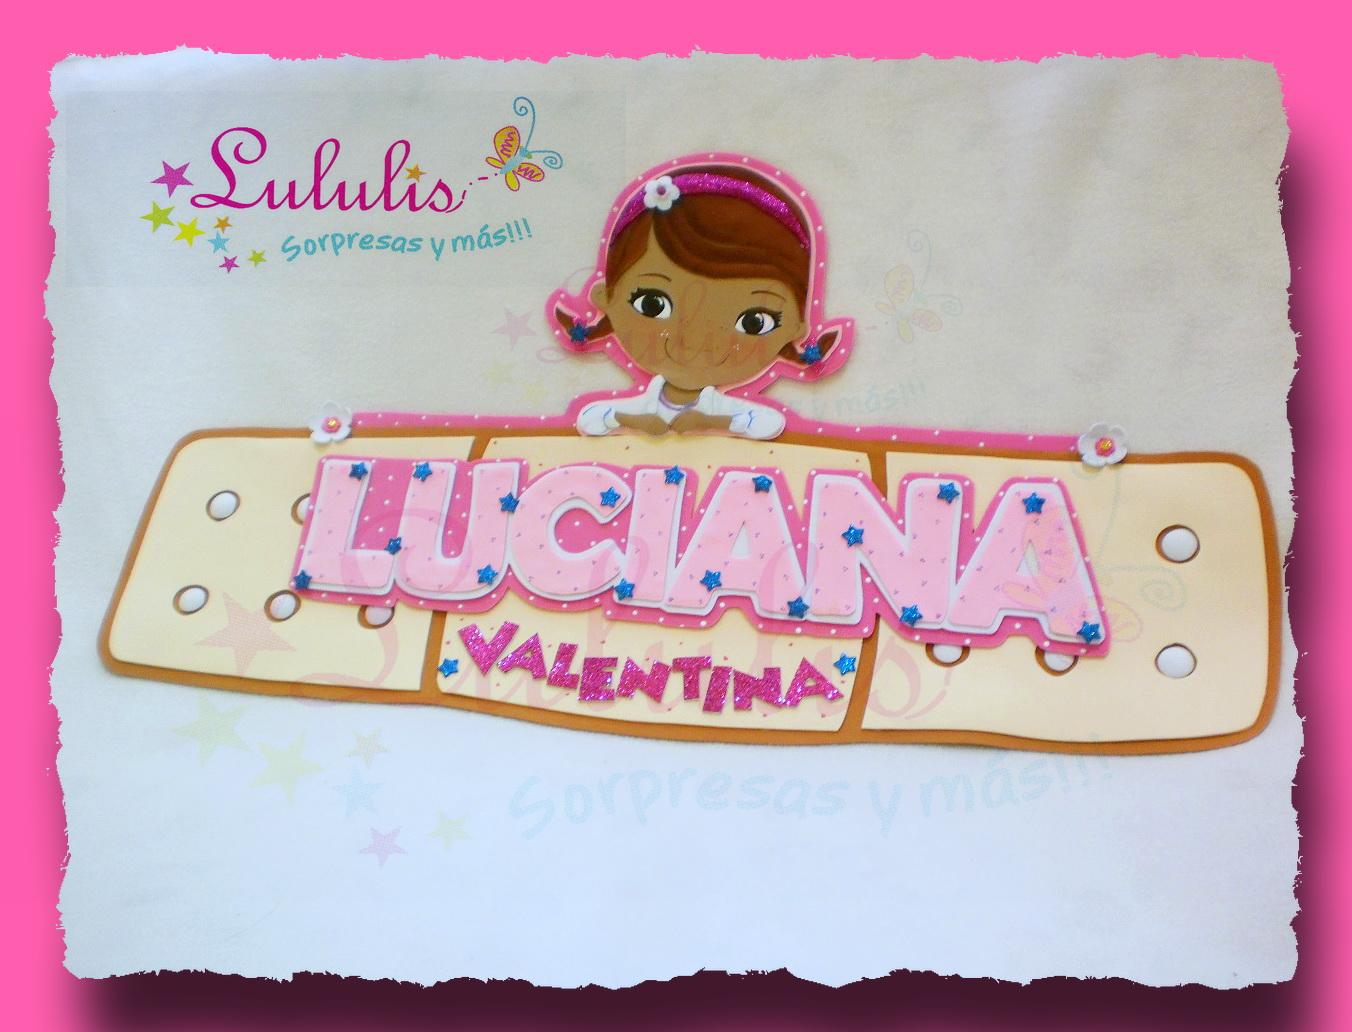 Letrero para el dormitorio Gracias a Luciana Valentina!